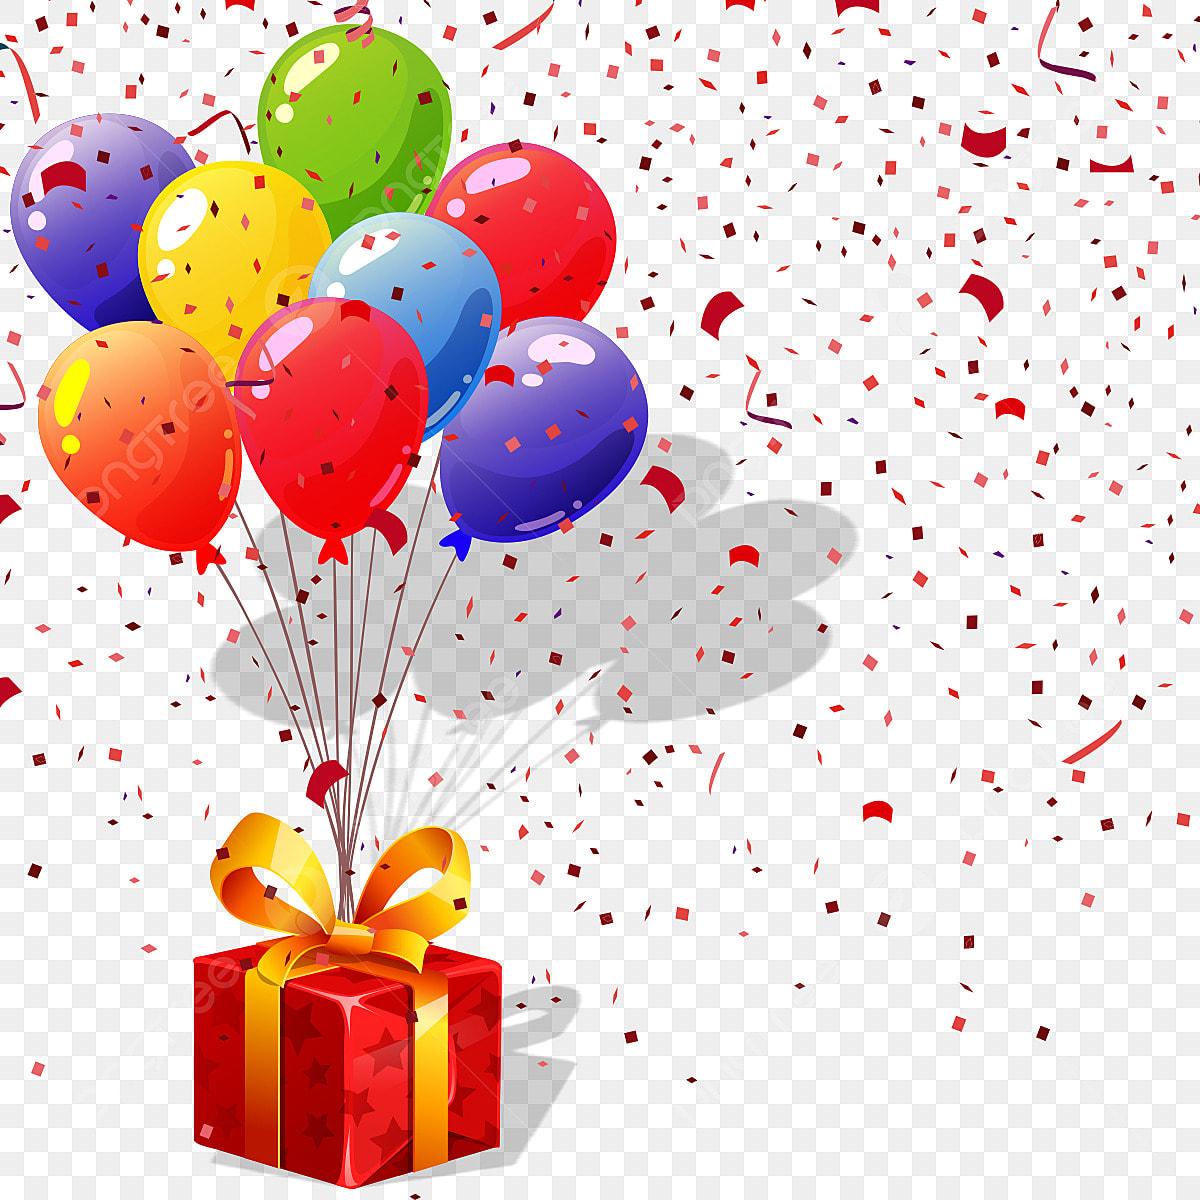 ближайшем подмосковье открытки с днем рождения для шарики подарки это начальные